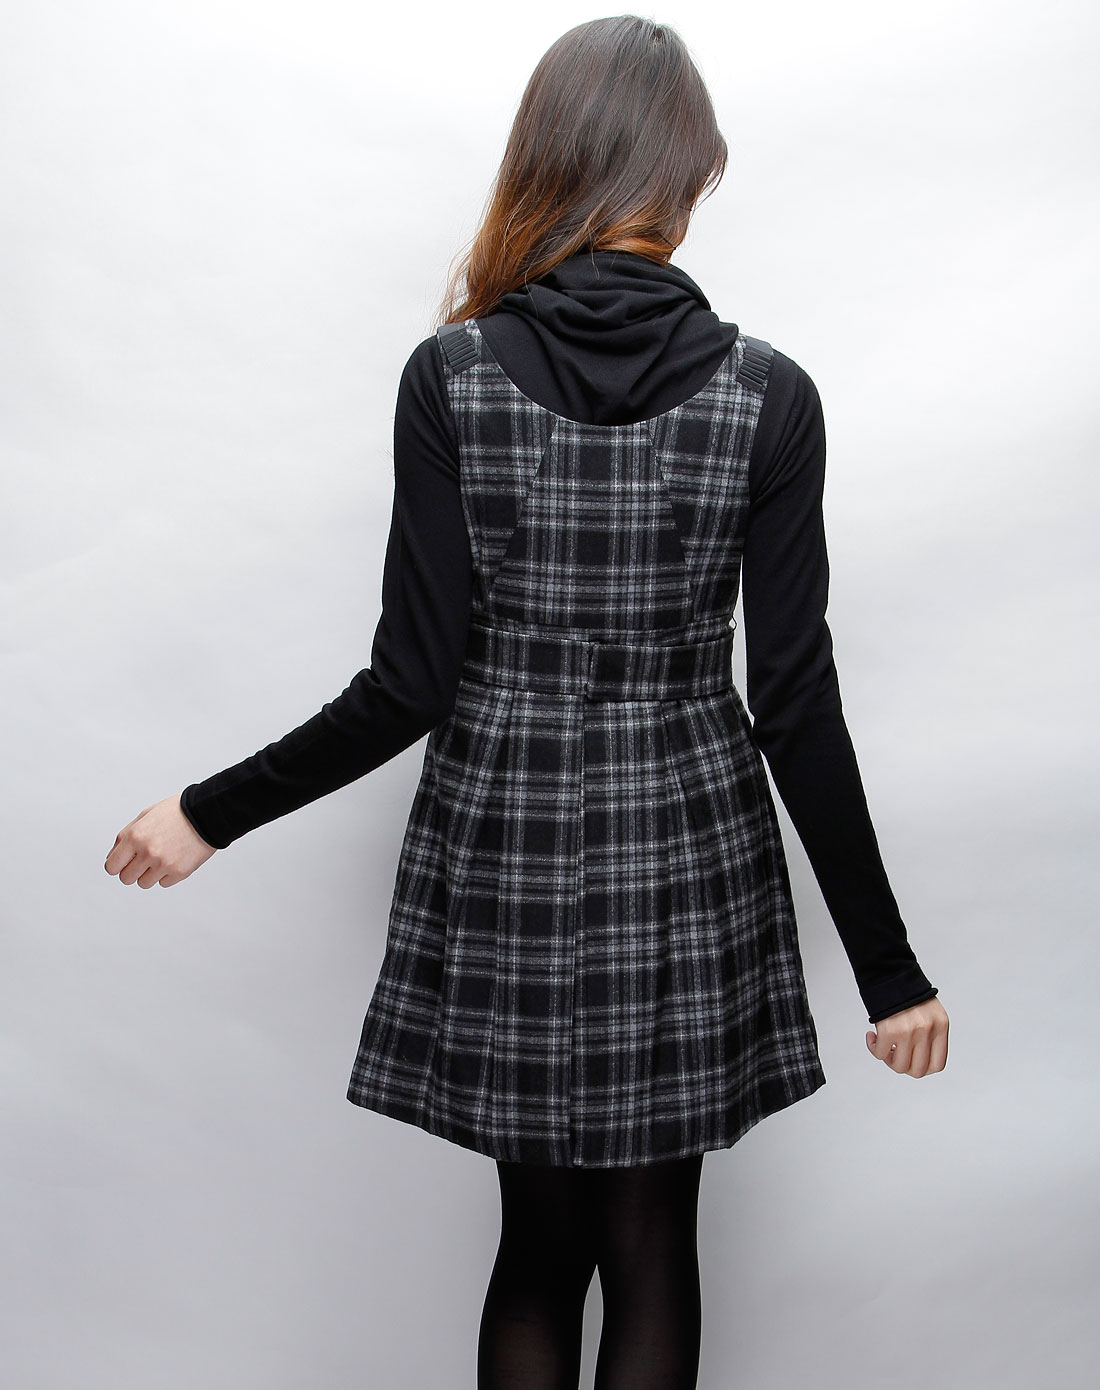 格子连衣裙搭配图片_格子连衣裙怎么搭配格子无袖连衣裙短裙黑白